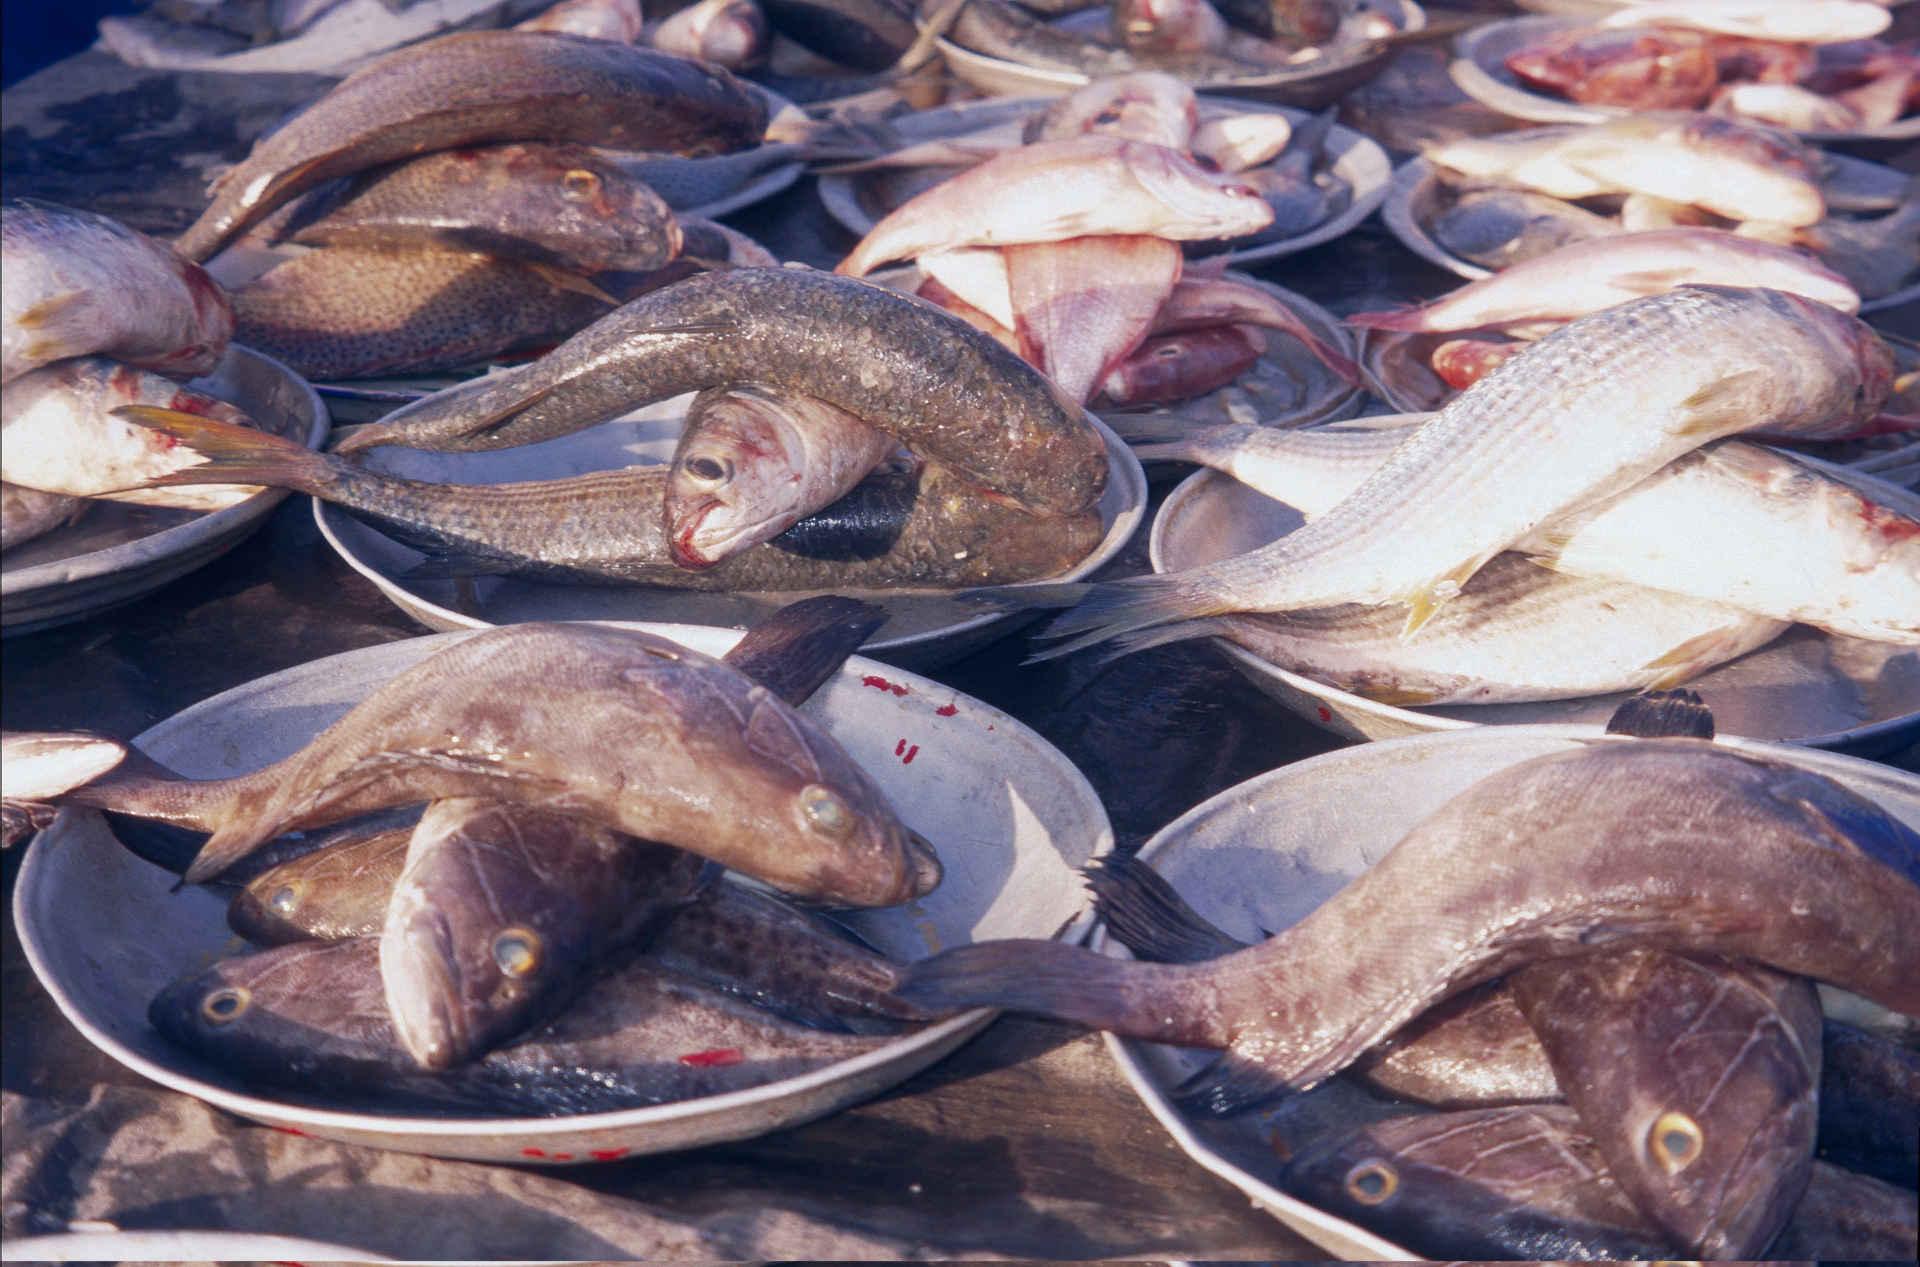 Fischfang: Fischmarkt in Dakar, Senegal